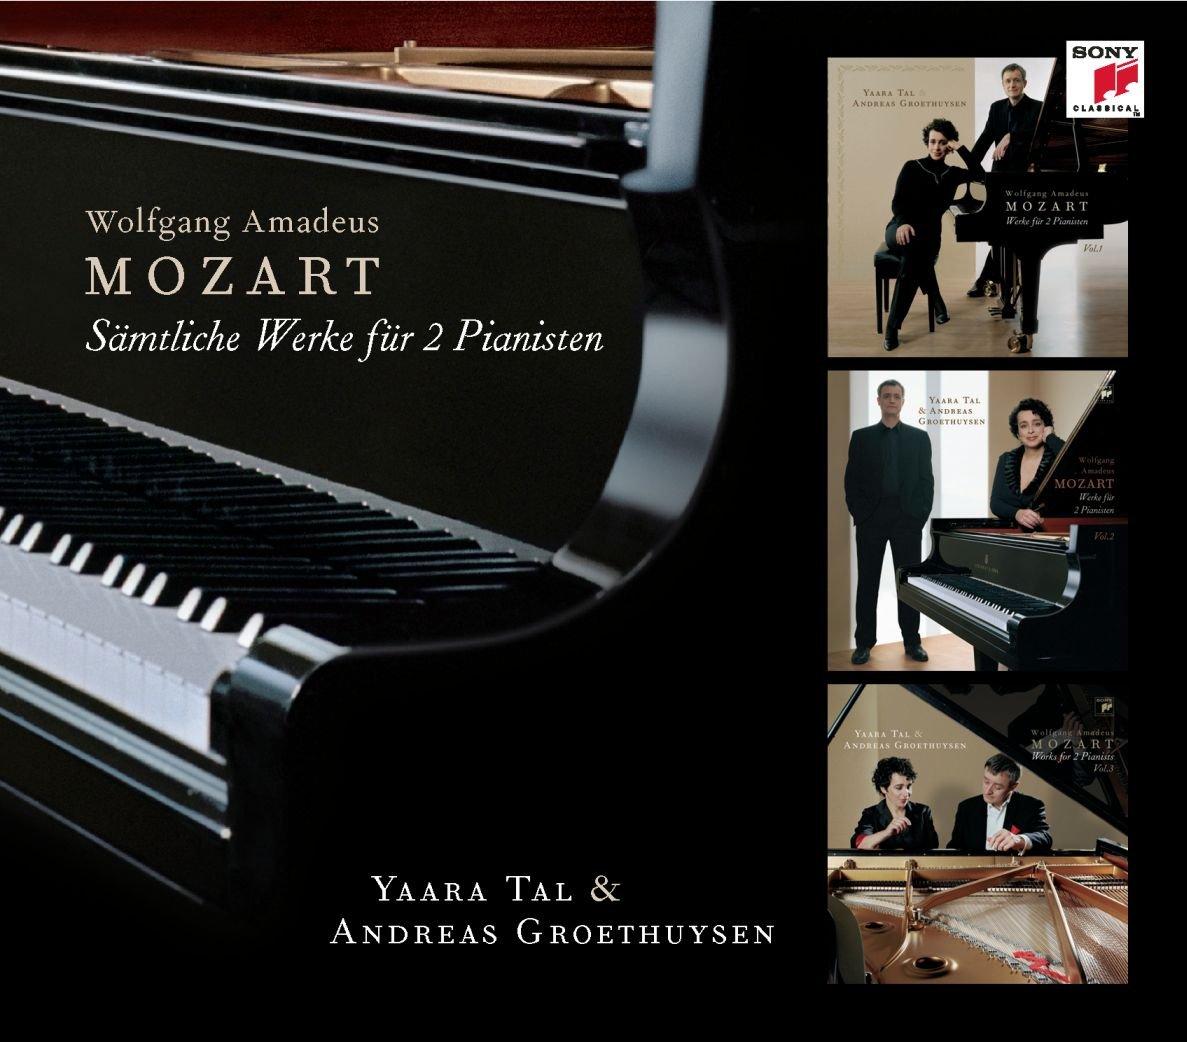 Mozart samtliche werke fur zwei pianisten tal - Liegestuhl fur zwei ...